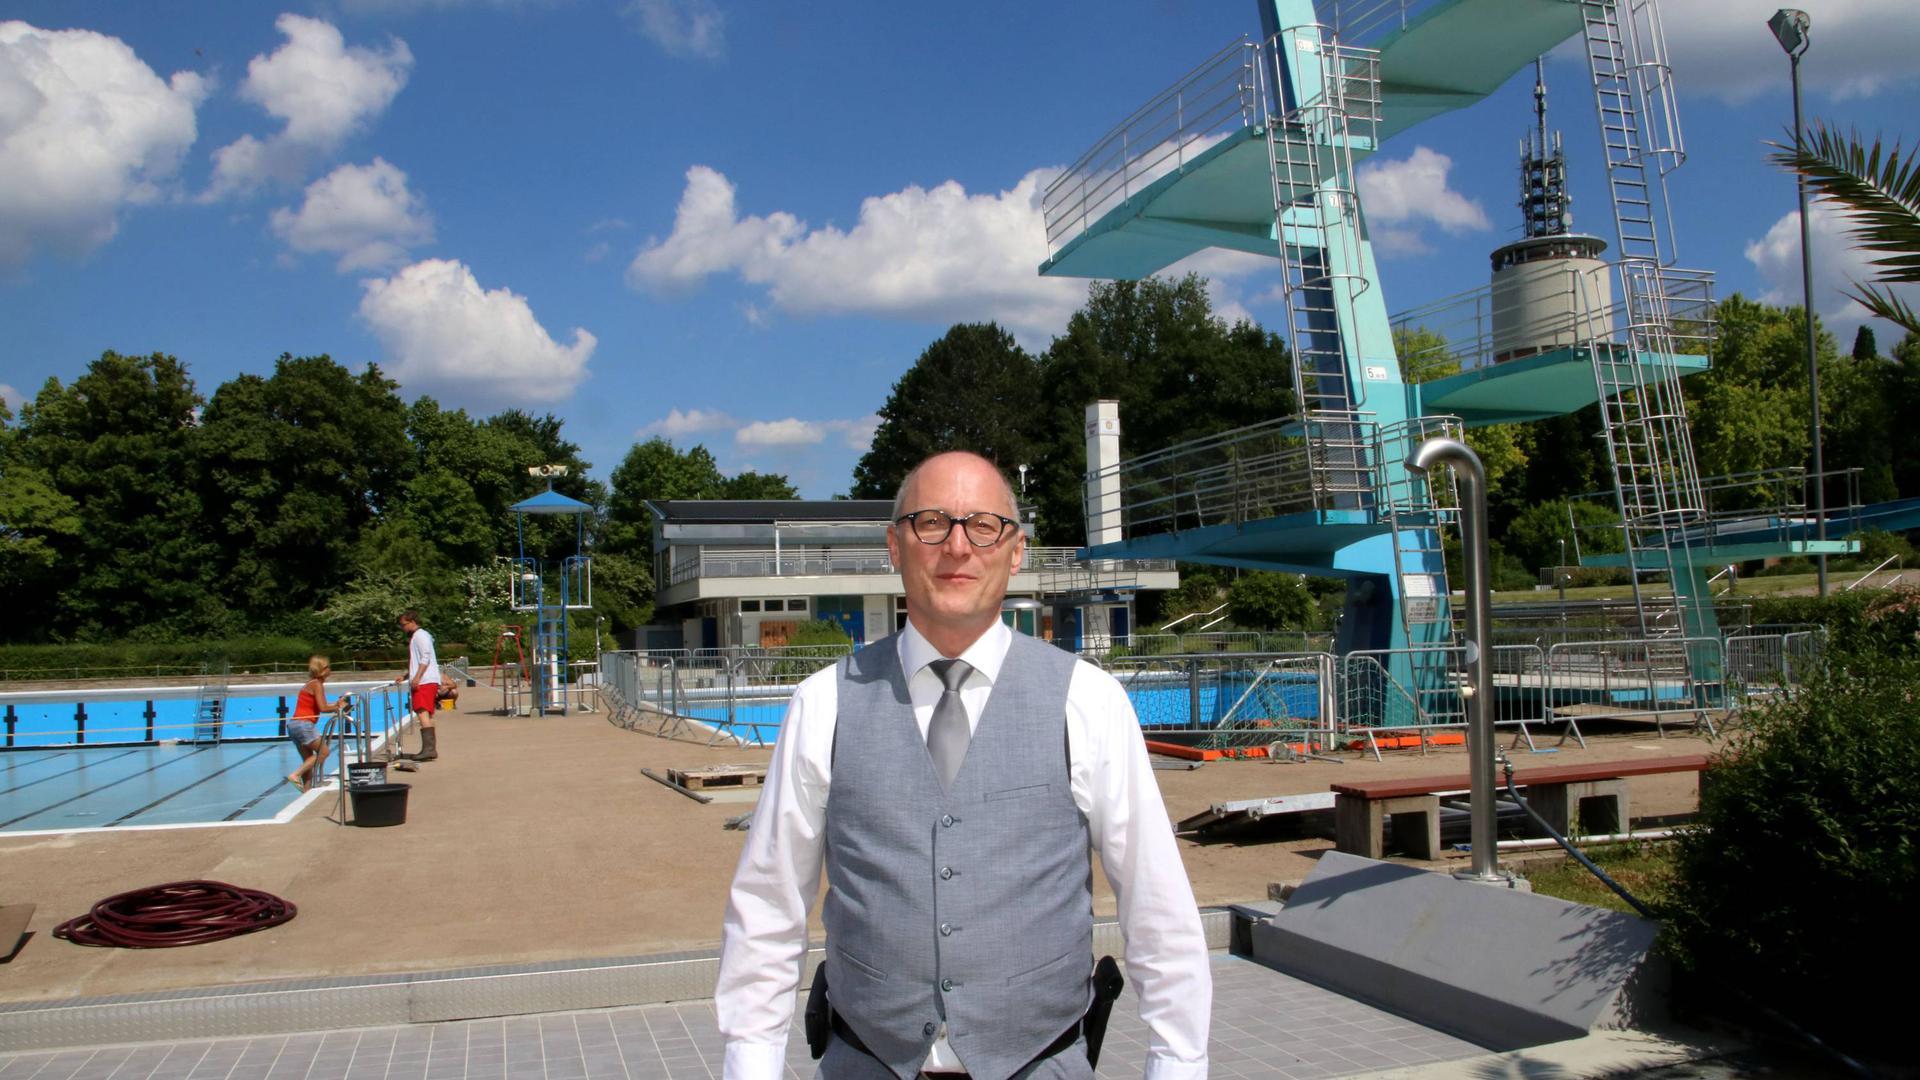 Lutz Schwaigert, einer der Verantwortlichen für Pforzheims Bäder, hat mit seinen Mitarbeitern noch viel zu tun, bis das Wartbergfreibäder und das Nagoldbad startklar sind.